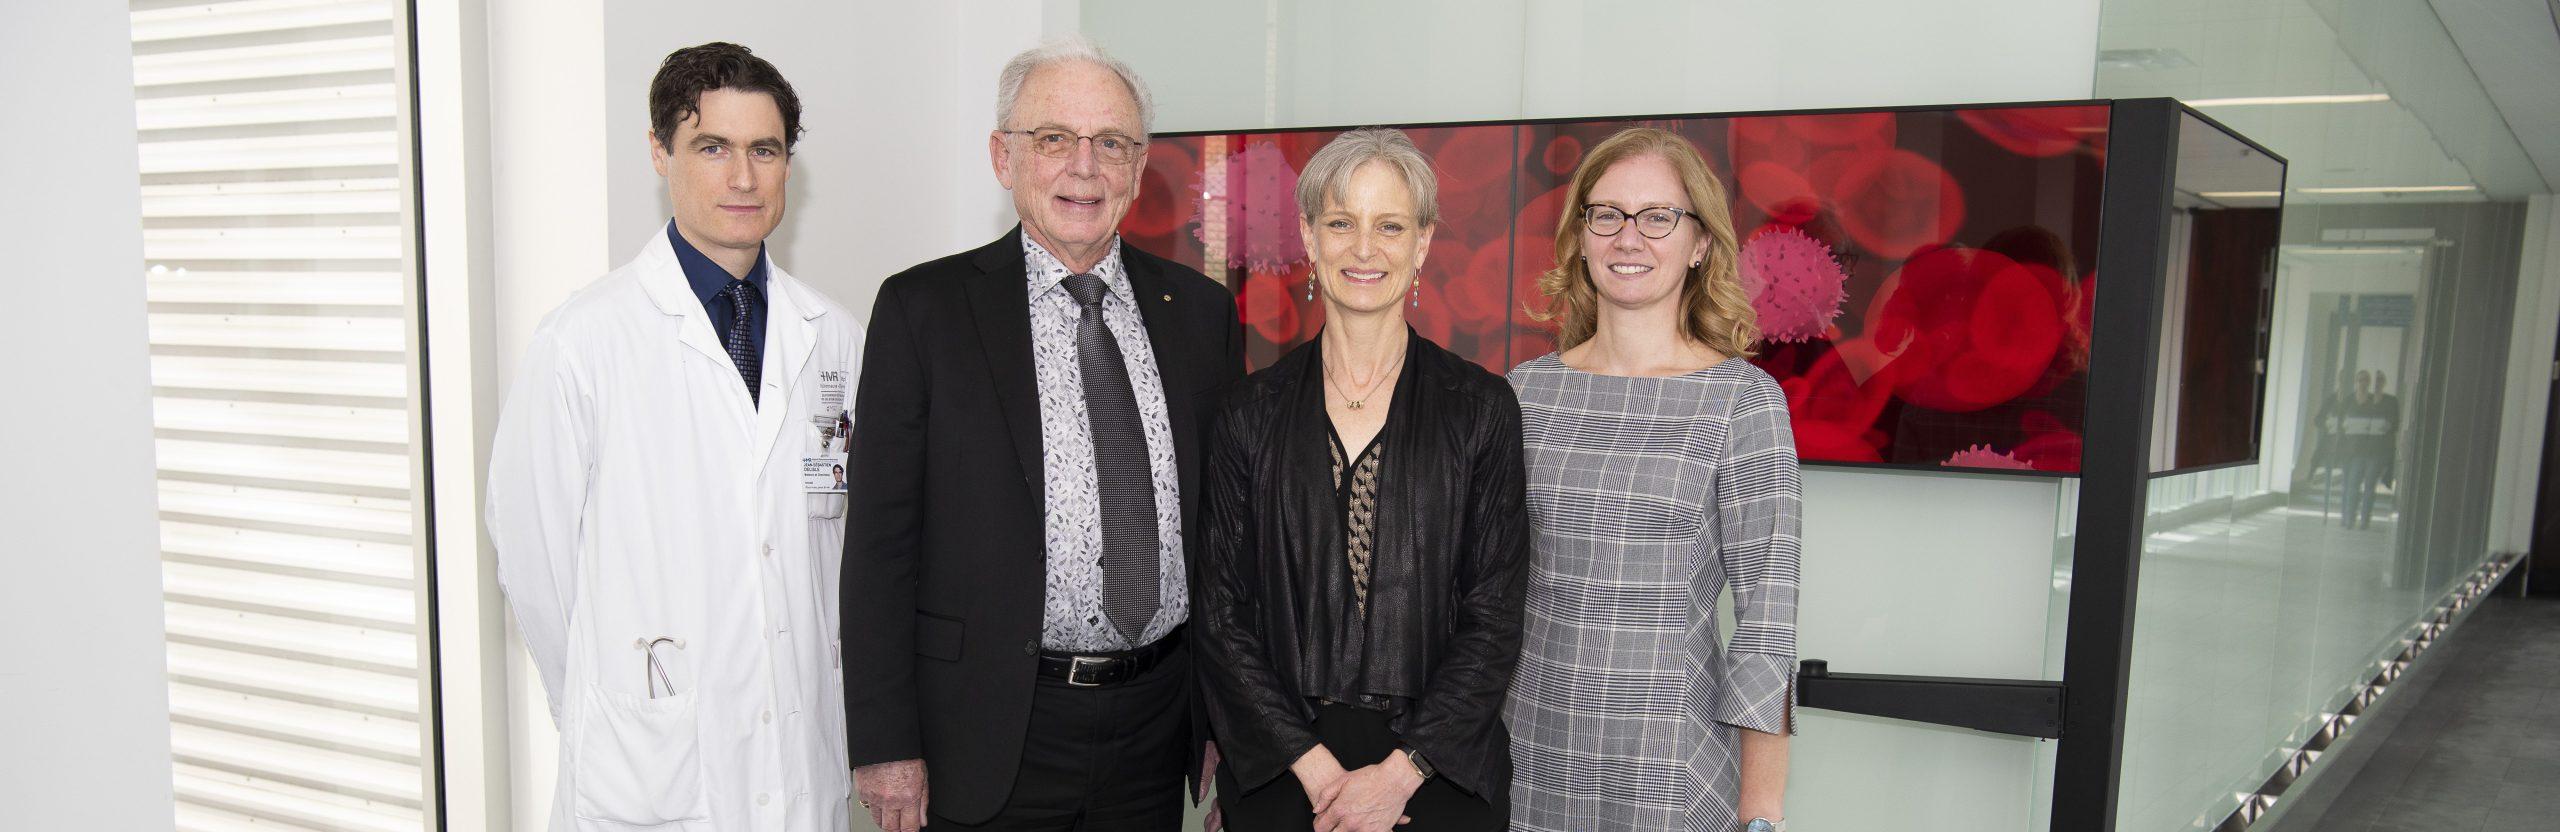 Dr Jean-Sébastien Delisle, hématologue à l'HMR, Dr John Sangster et son épouse, et Dre Isabelle Fleury,hématologue à l'HMR,